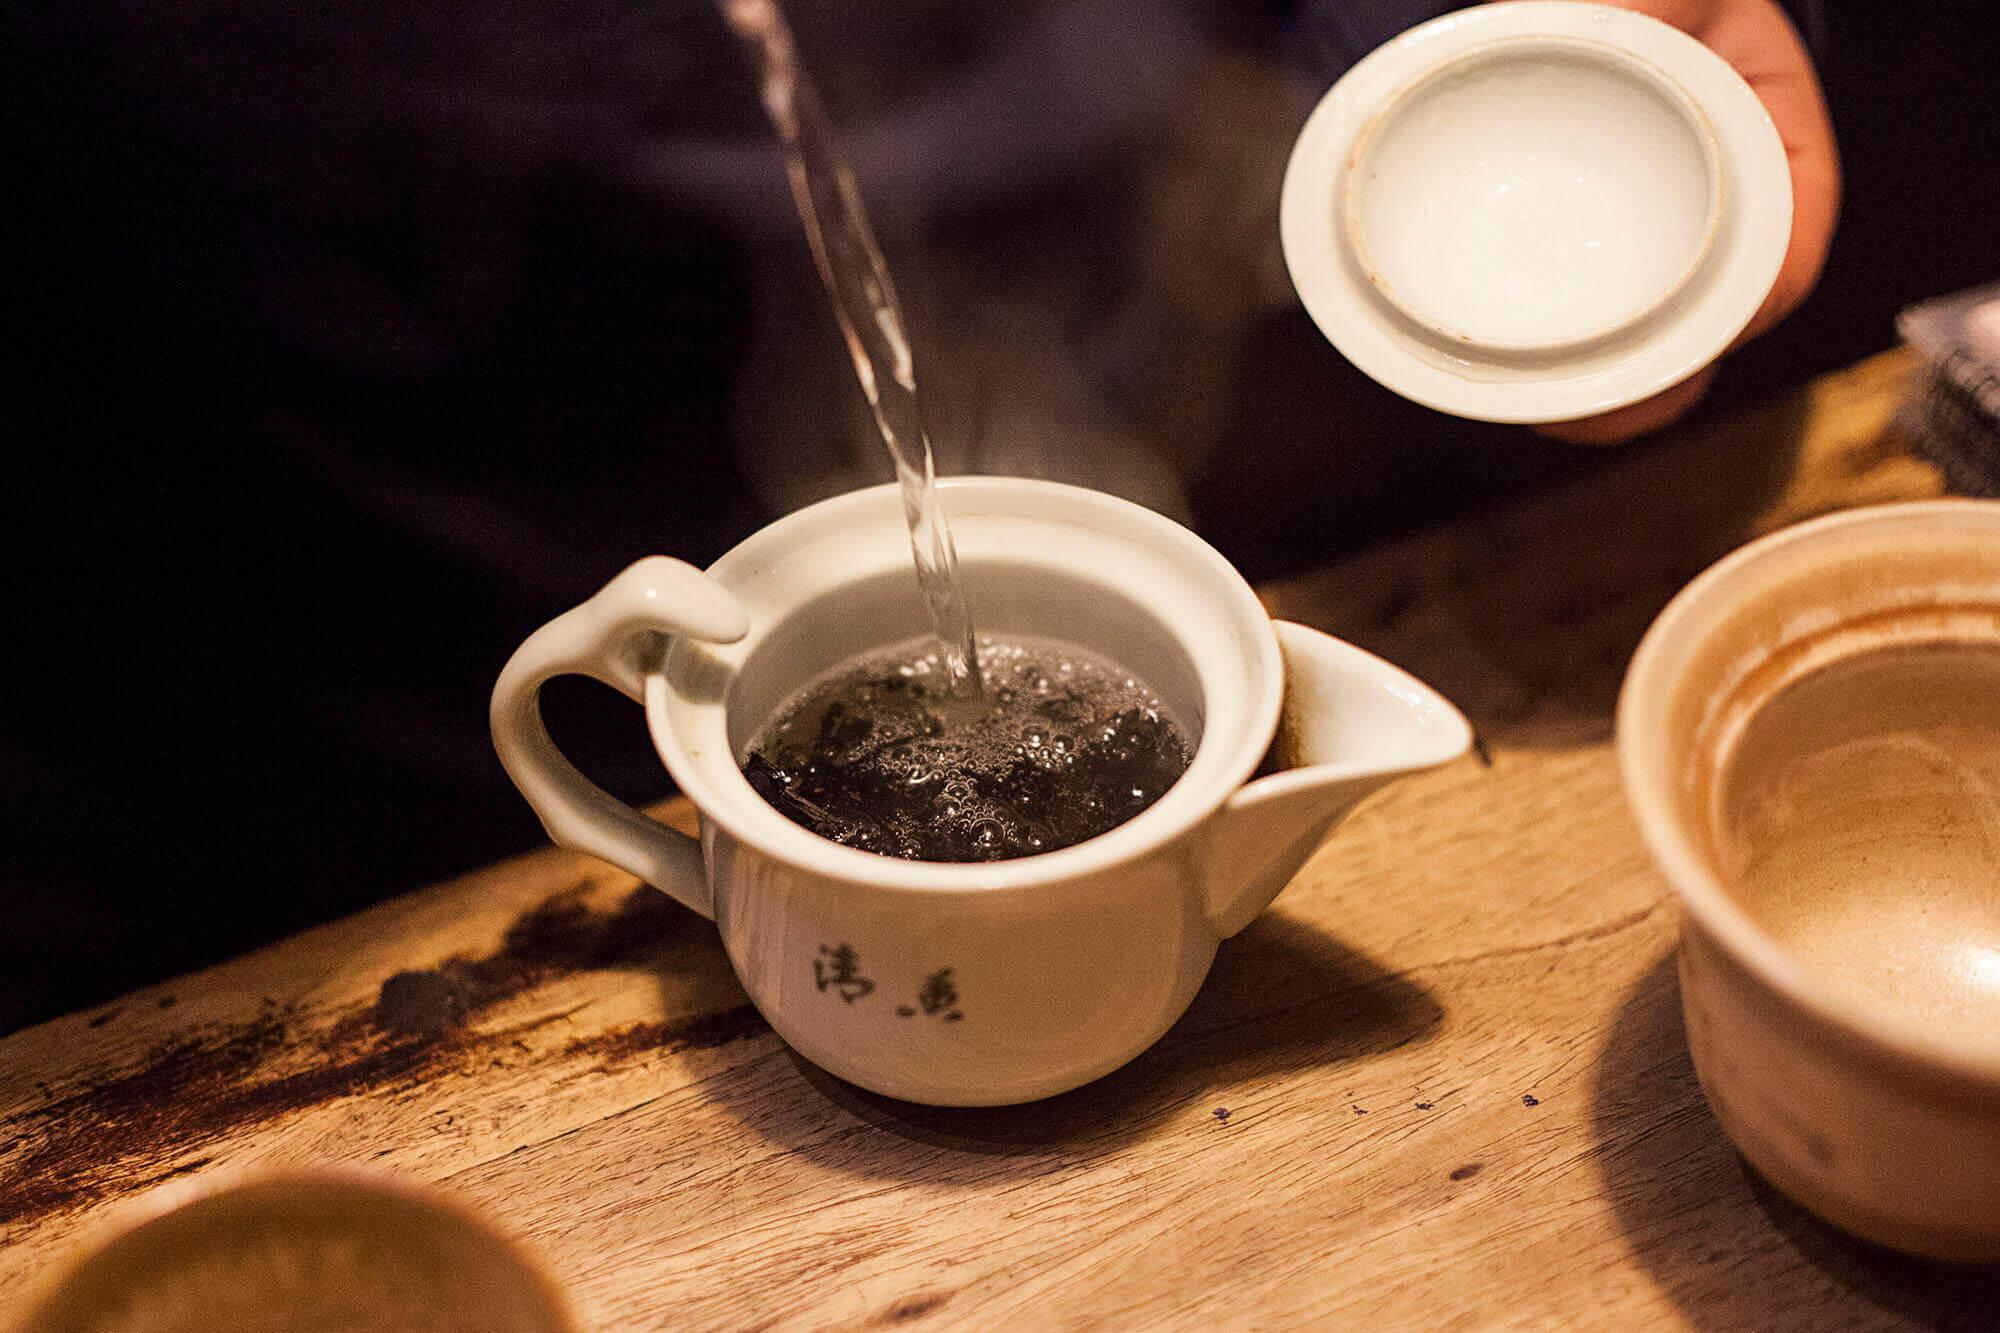 Czarna herbata tajwańska Hong Cha podczas parzenia.